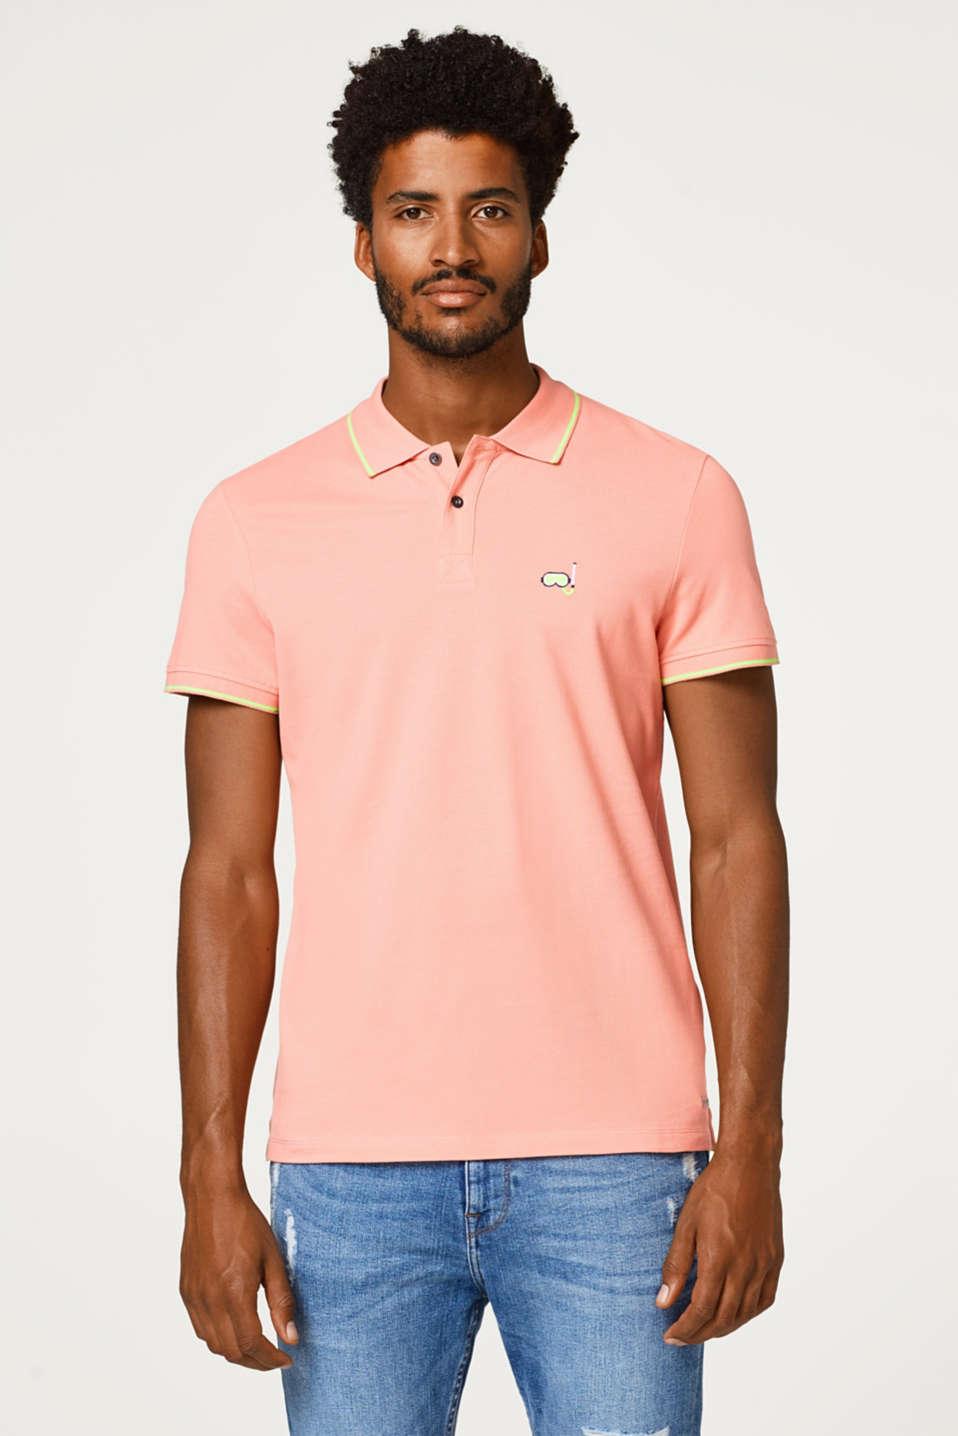 ad09312a Express Pique Polo Shirts